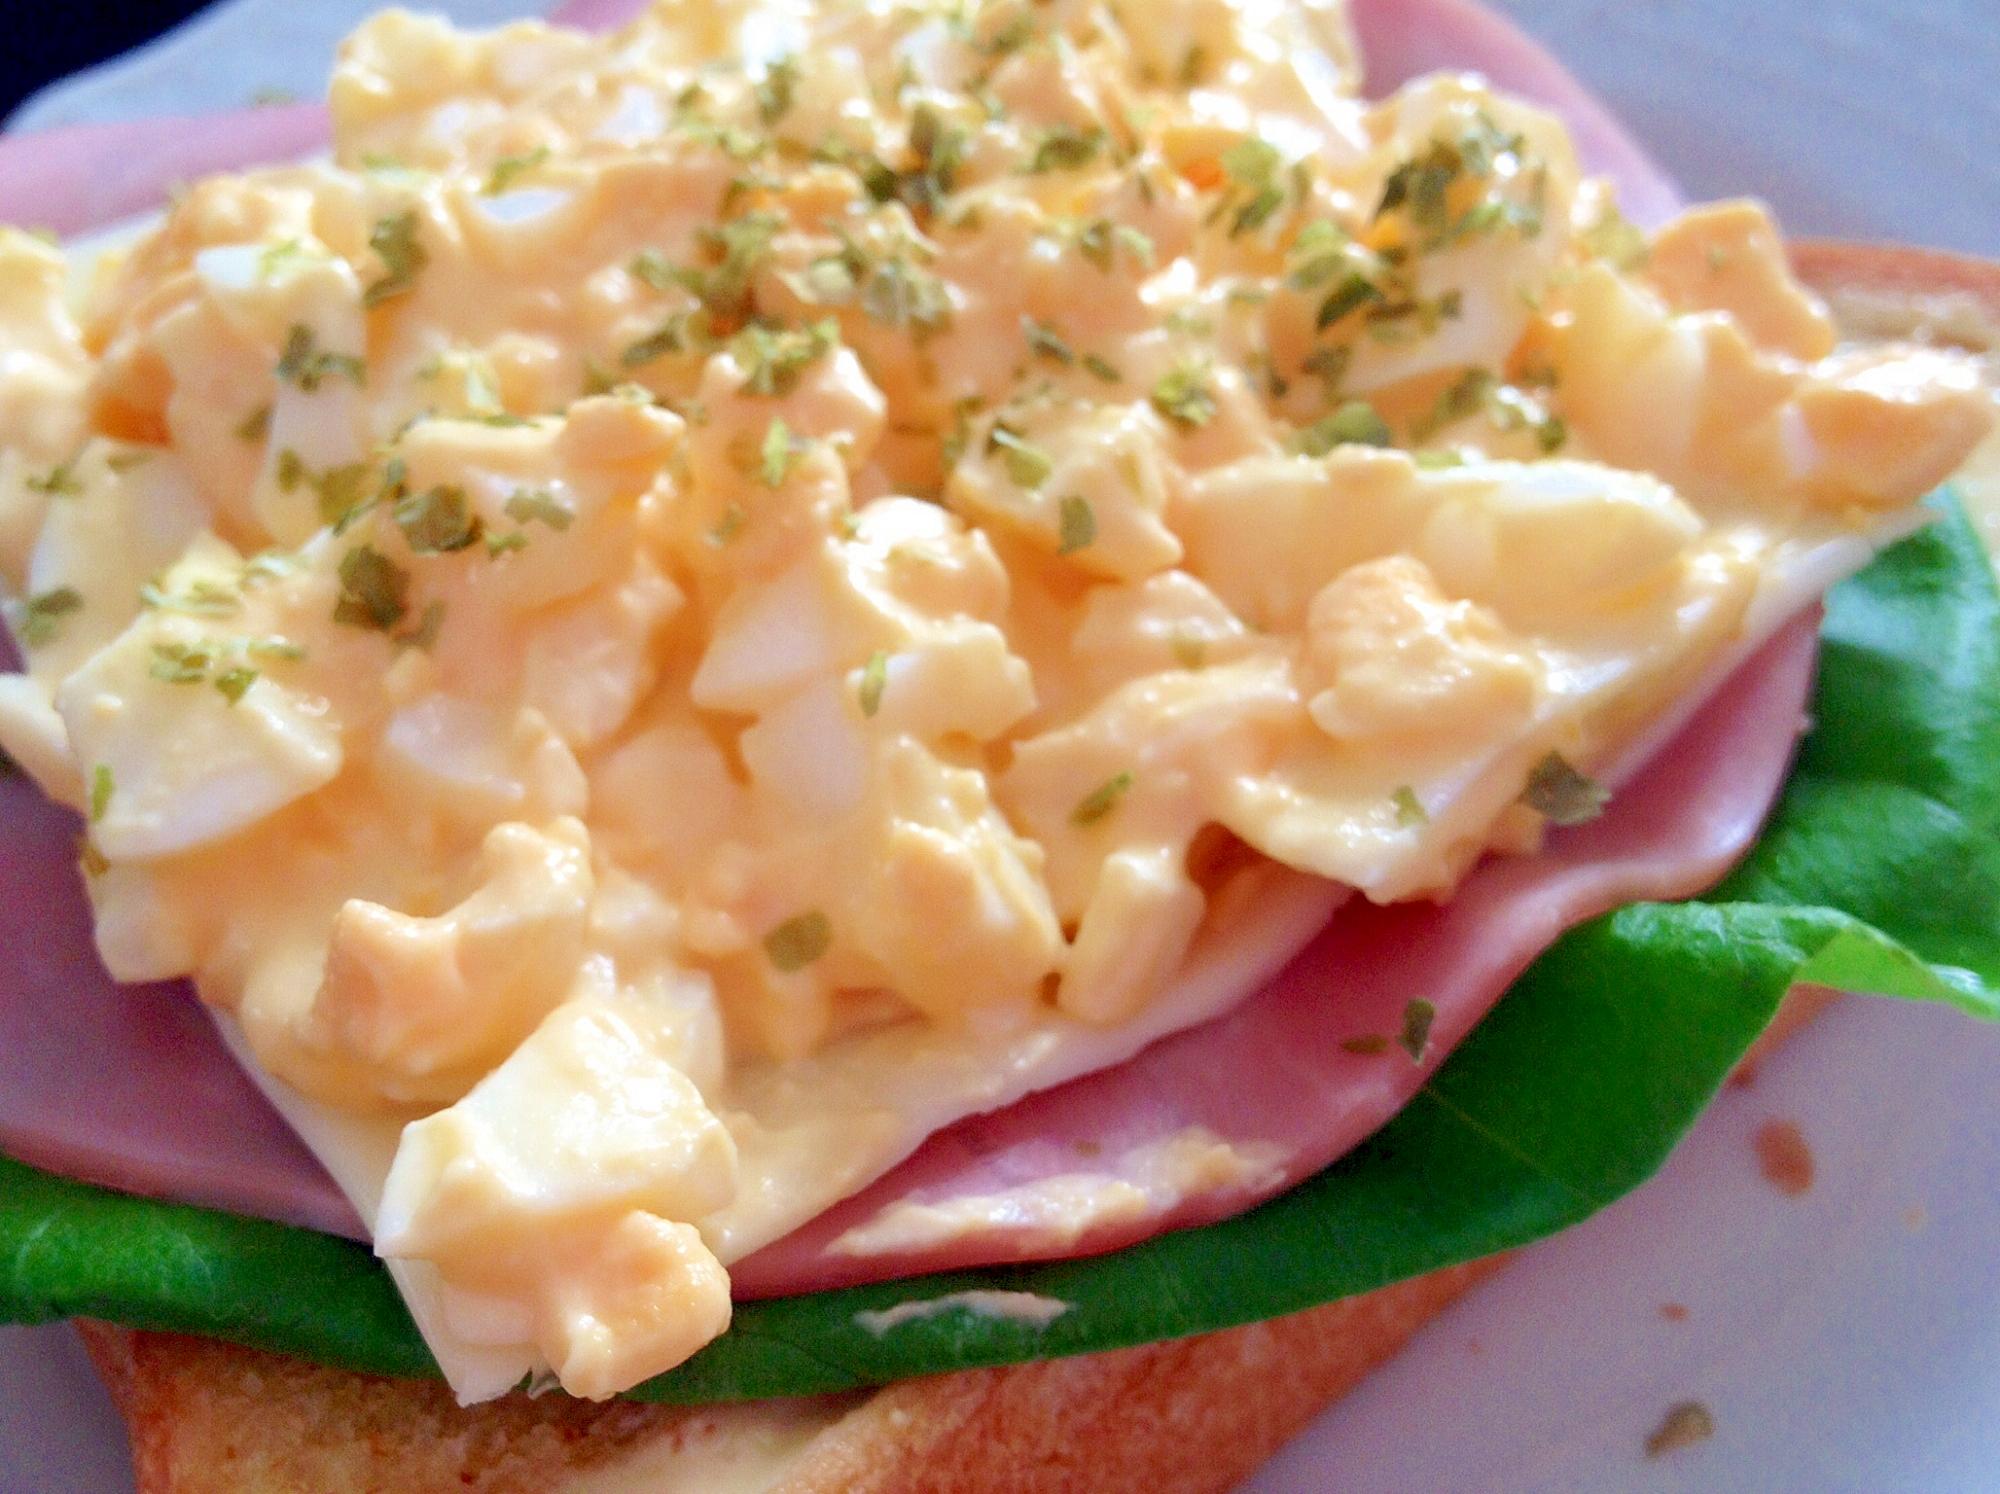 朝食に♪「卵ハムレタスのオープンサンドイッチ」